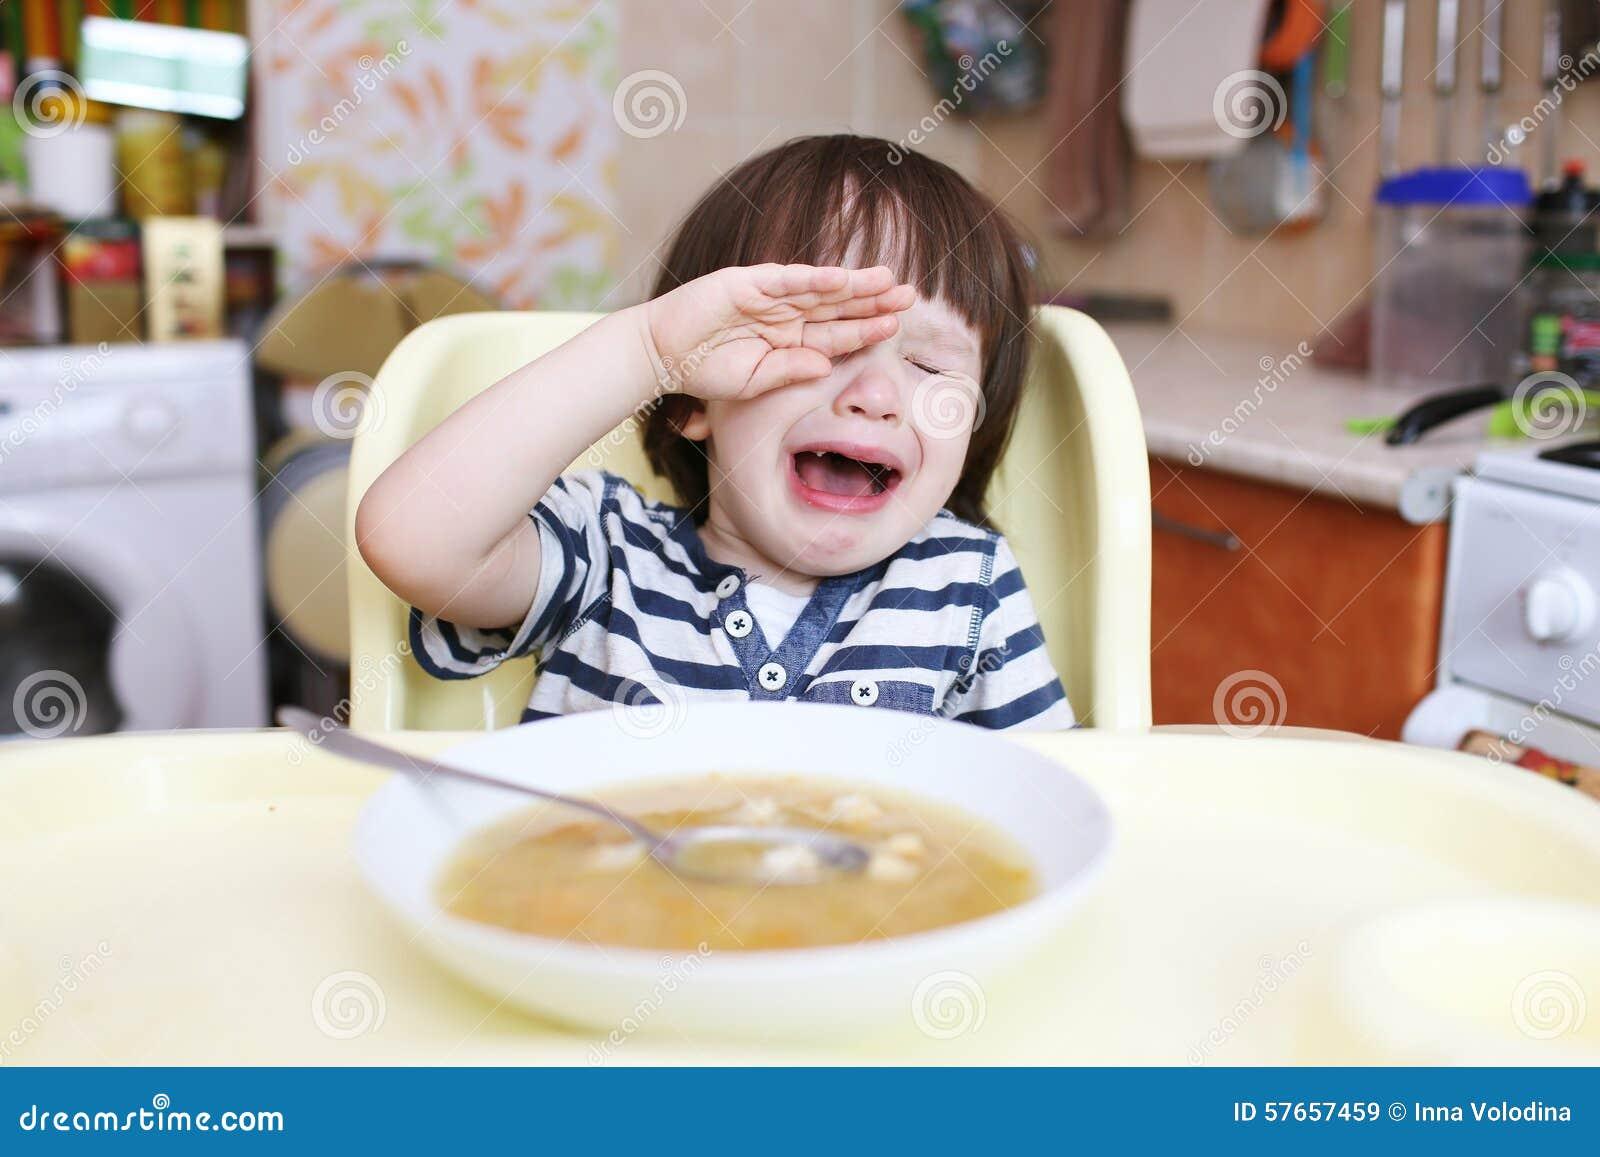 Płacz chłopiec no chce jeść grochową polewkę w domu